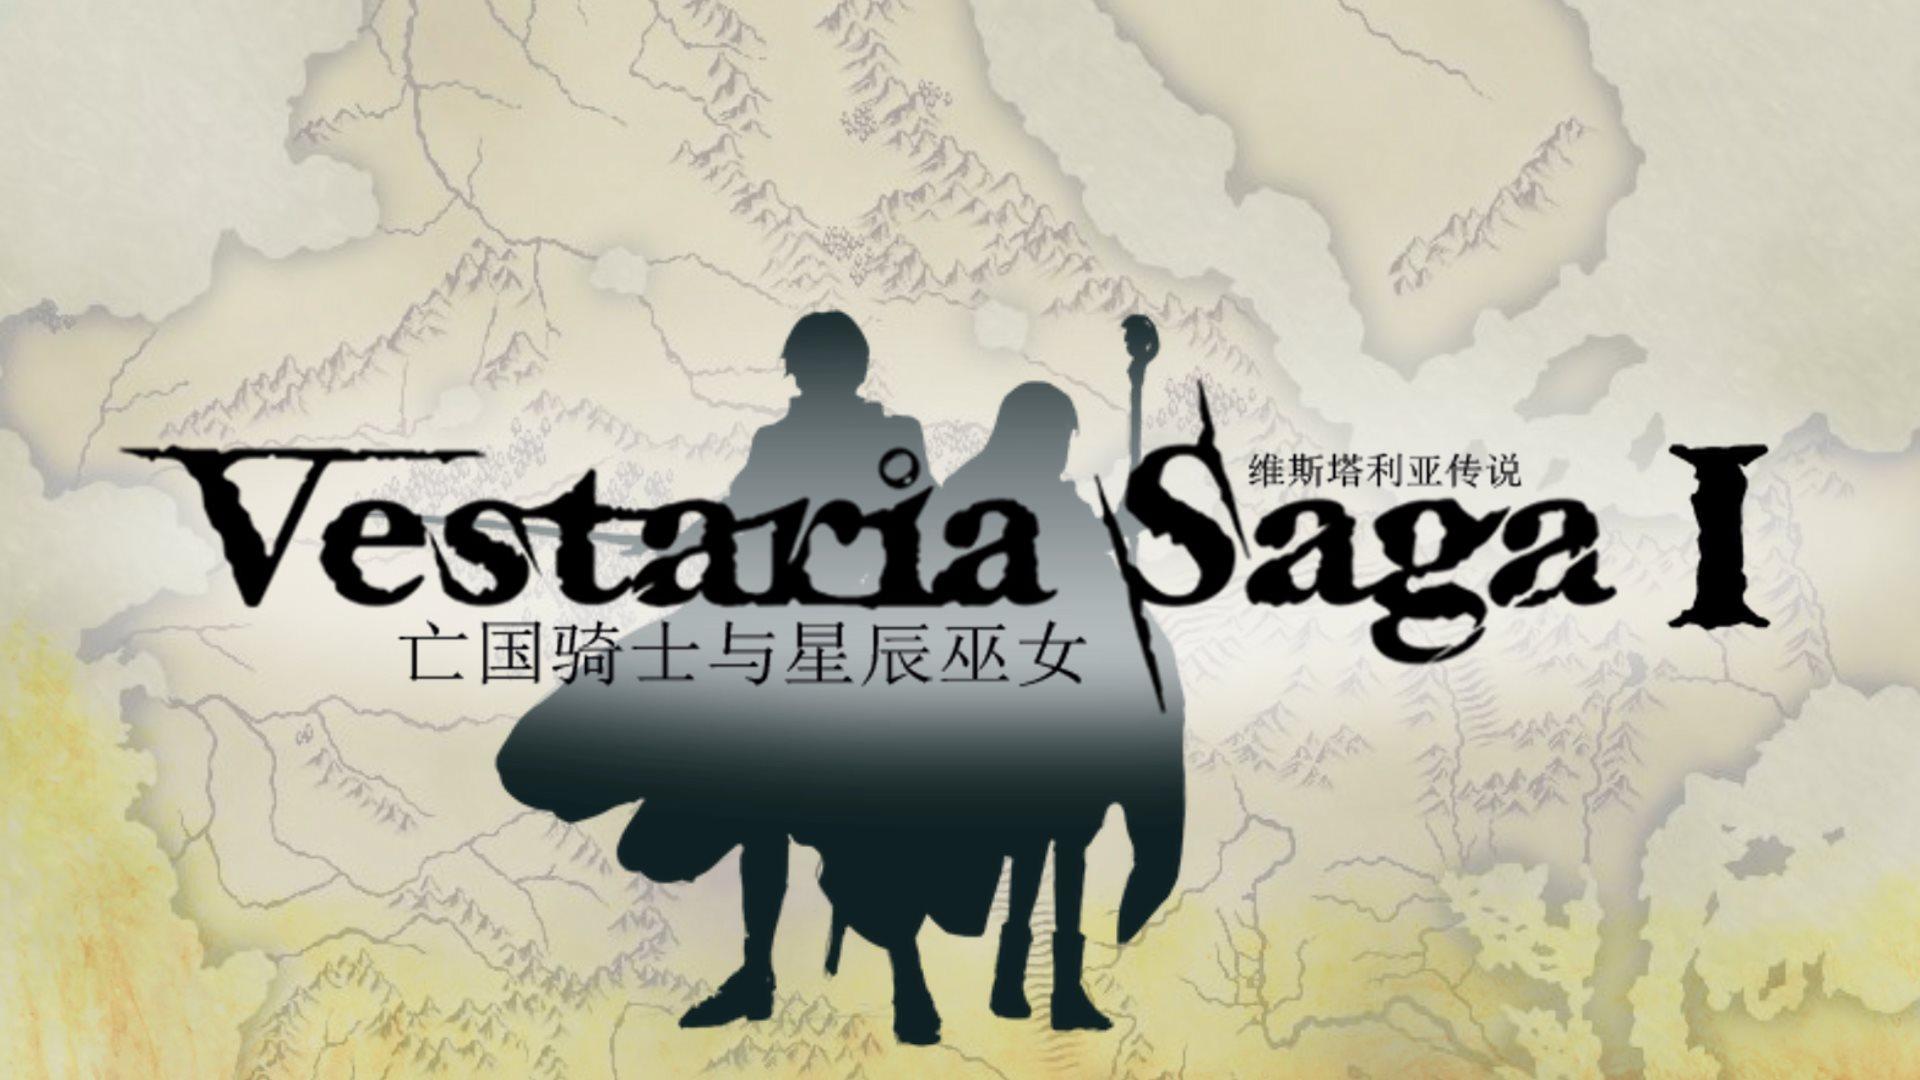 火纹之父之作《维斯塔利亚传说》今日更新官方中文